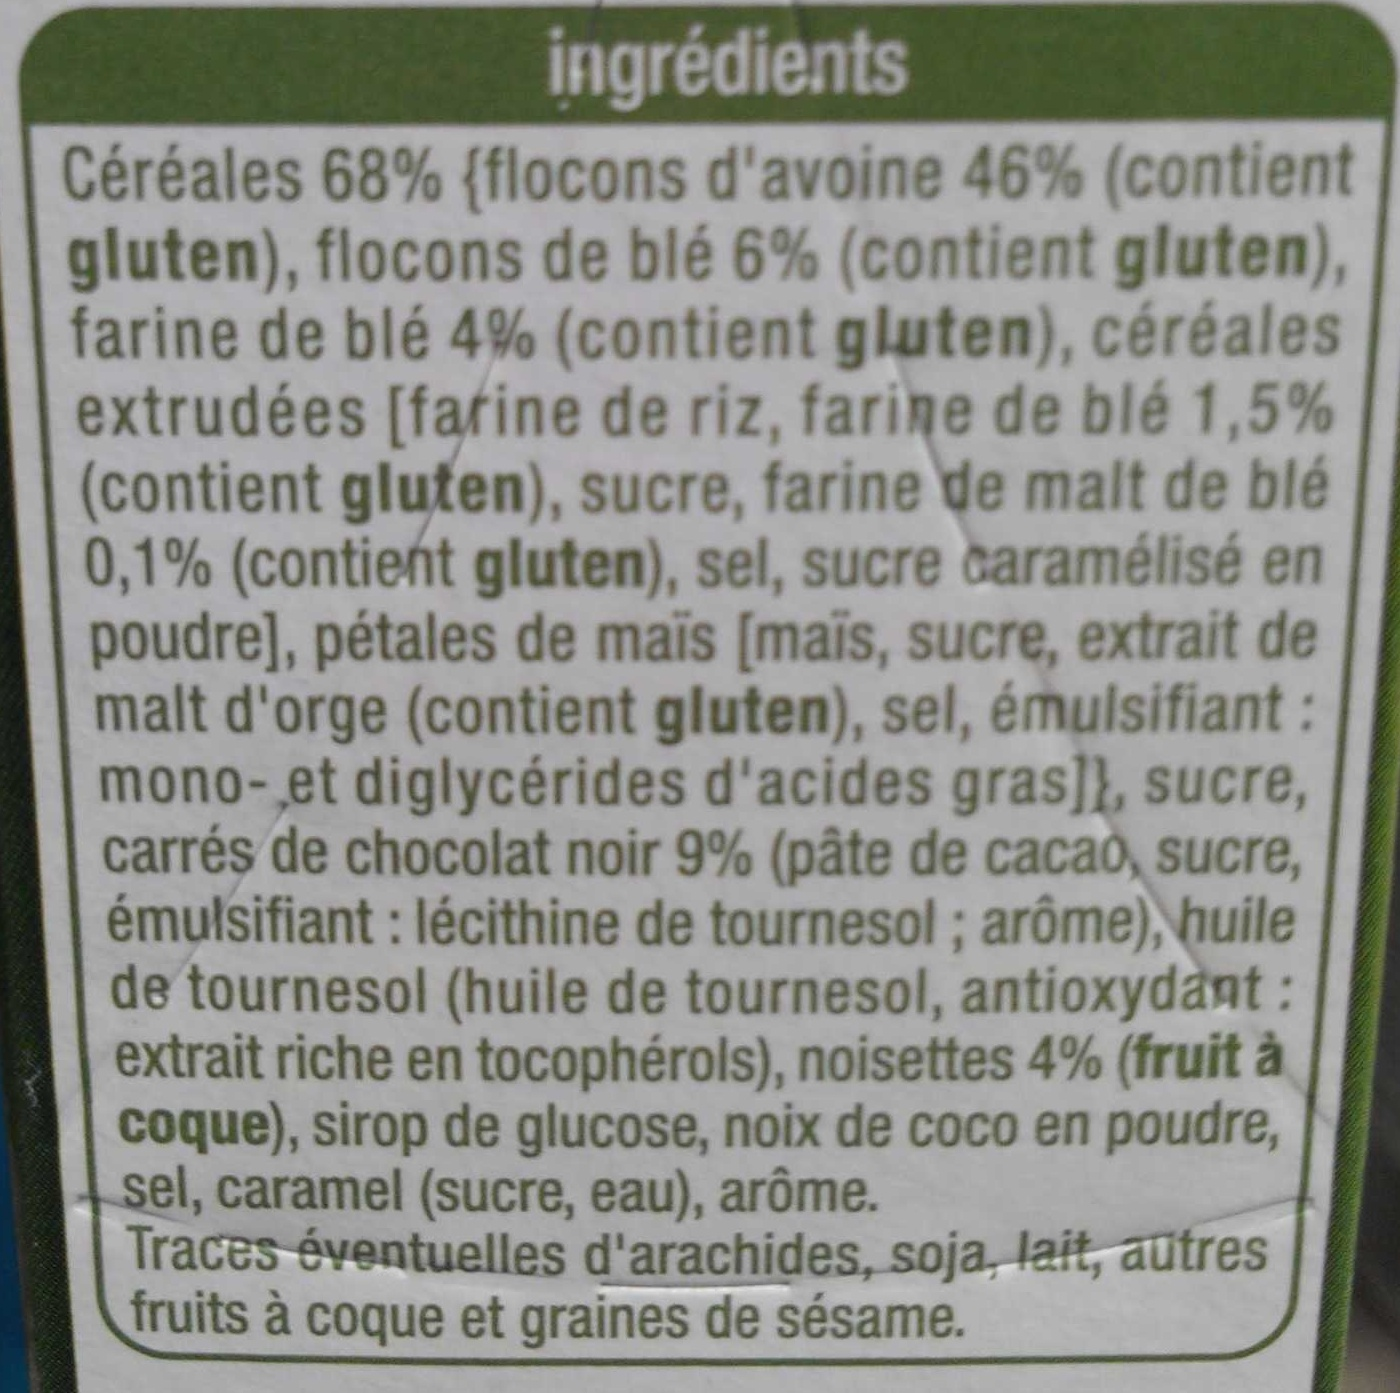 Crousty - Chocolat noir et noisettes - Ingredienti - fr